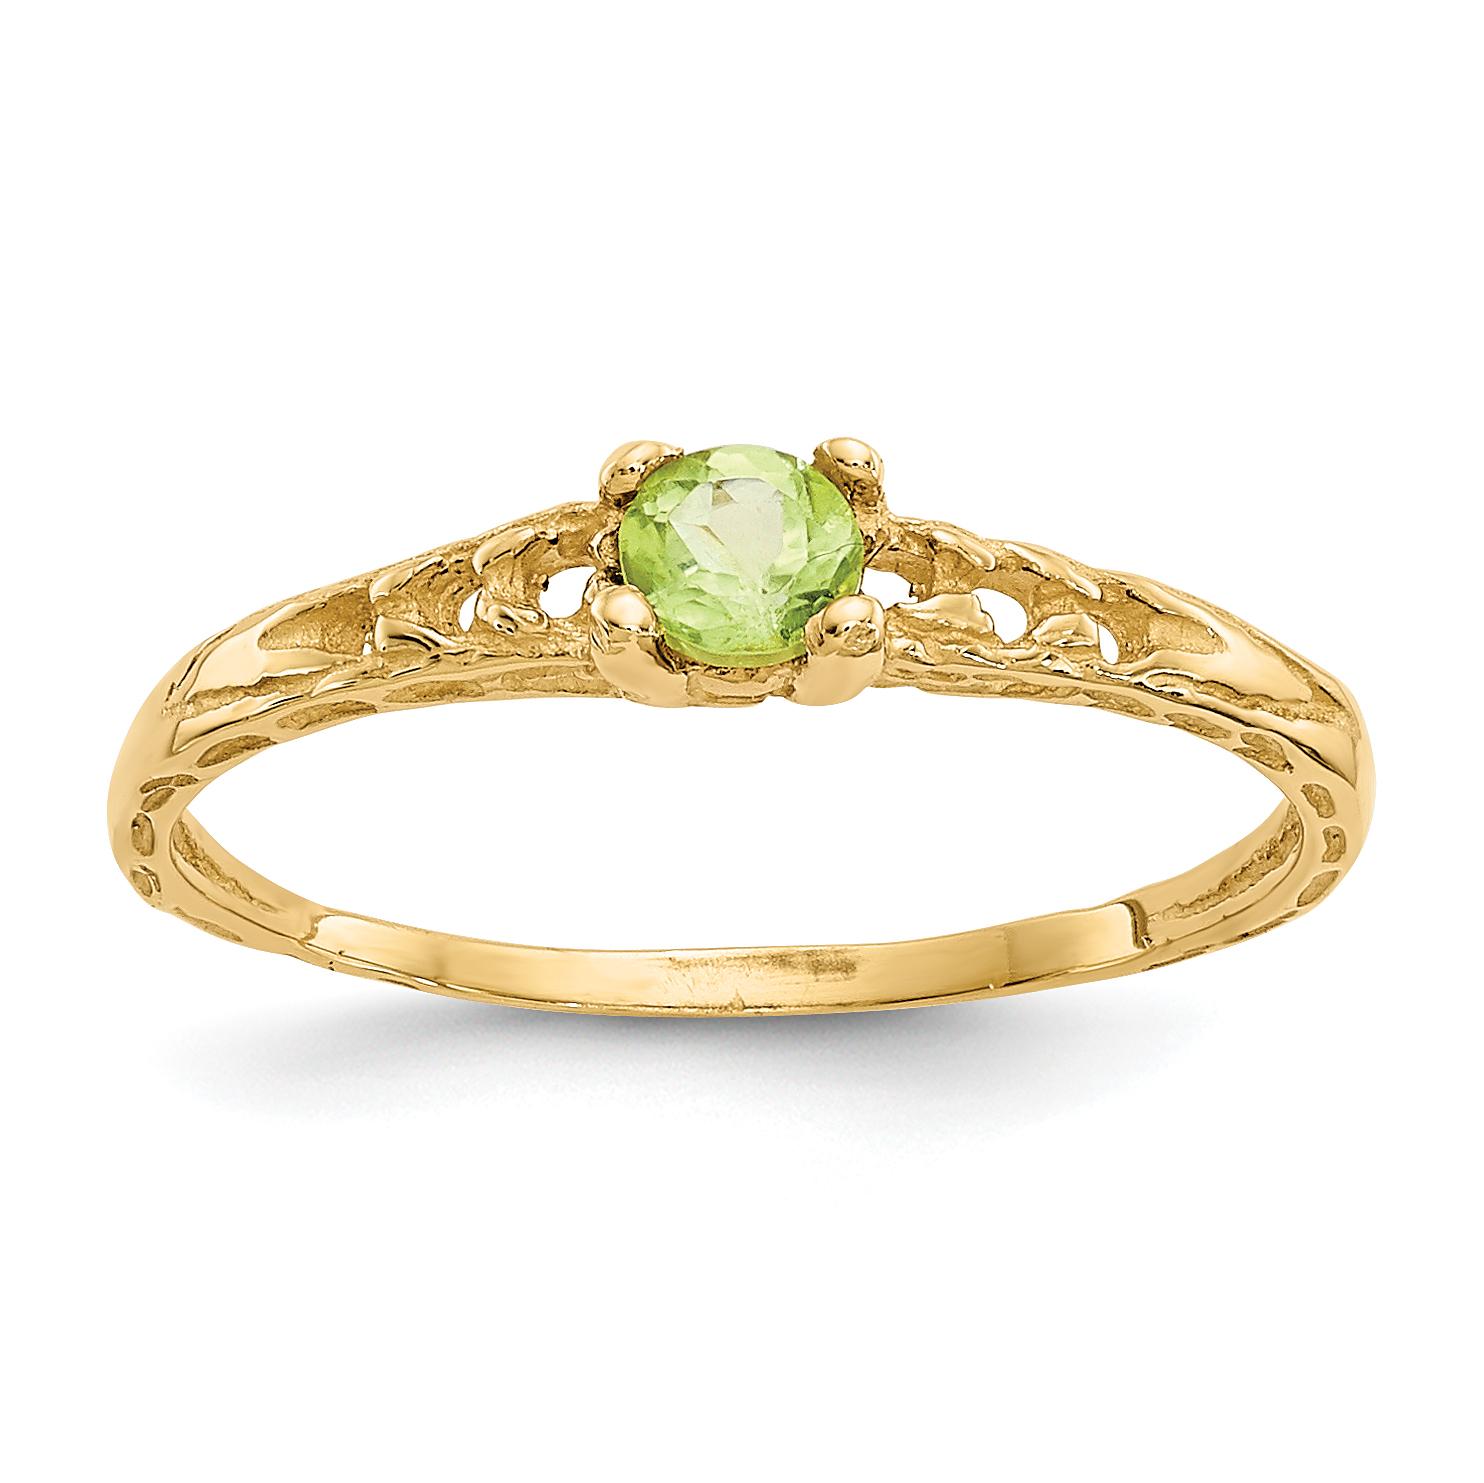 14k Madi K 3mm Peridot Birthstone Baby Ring by Saris and Things QG